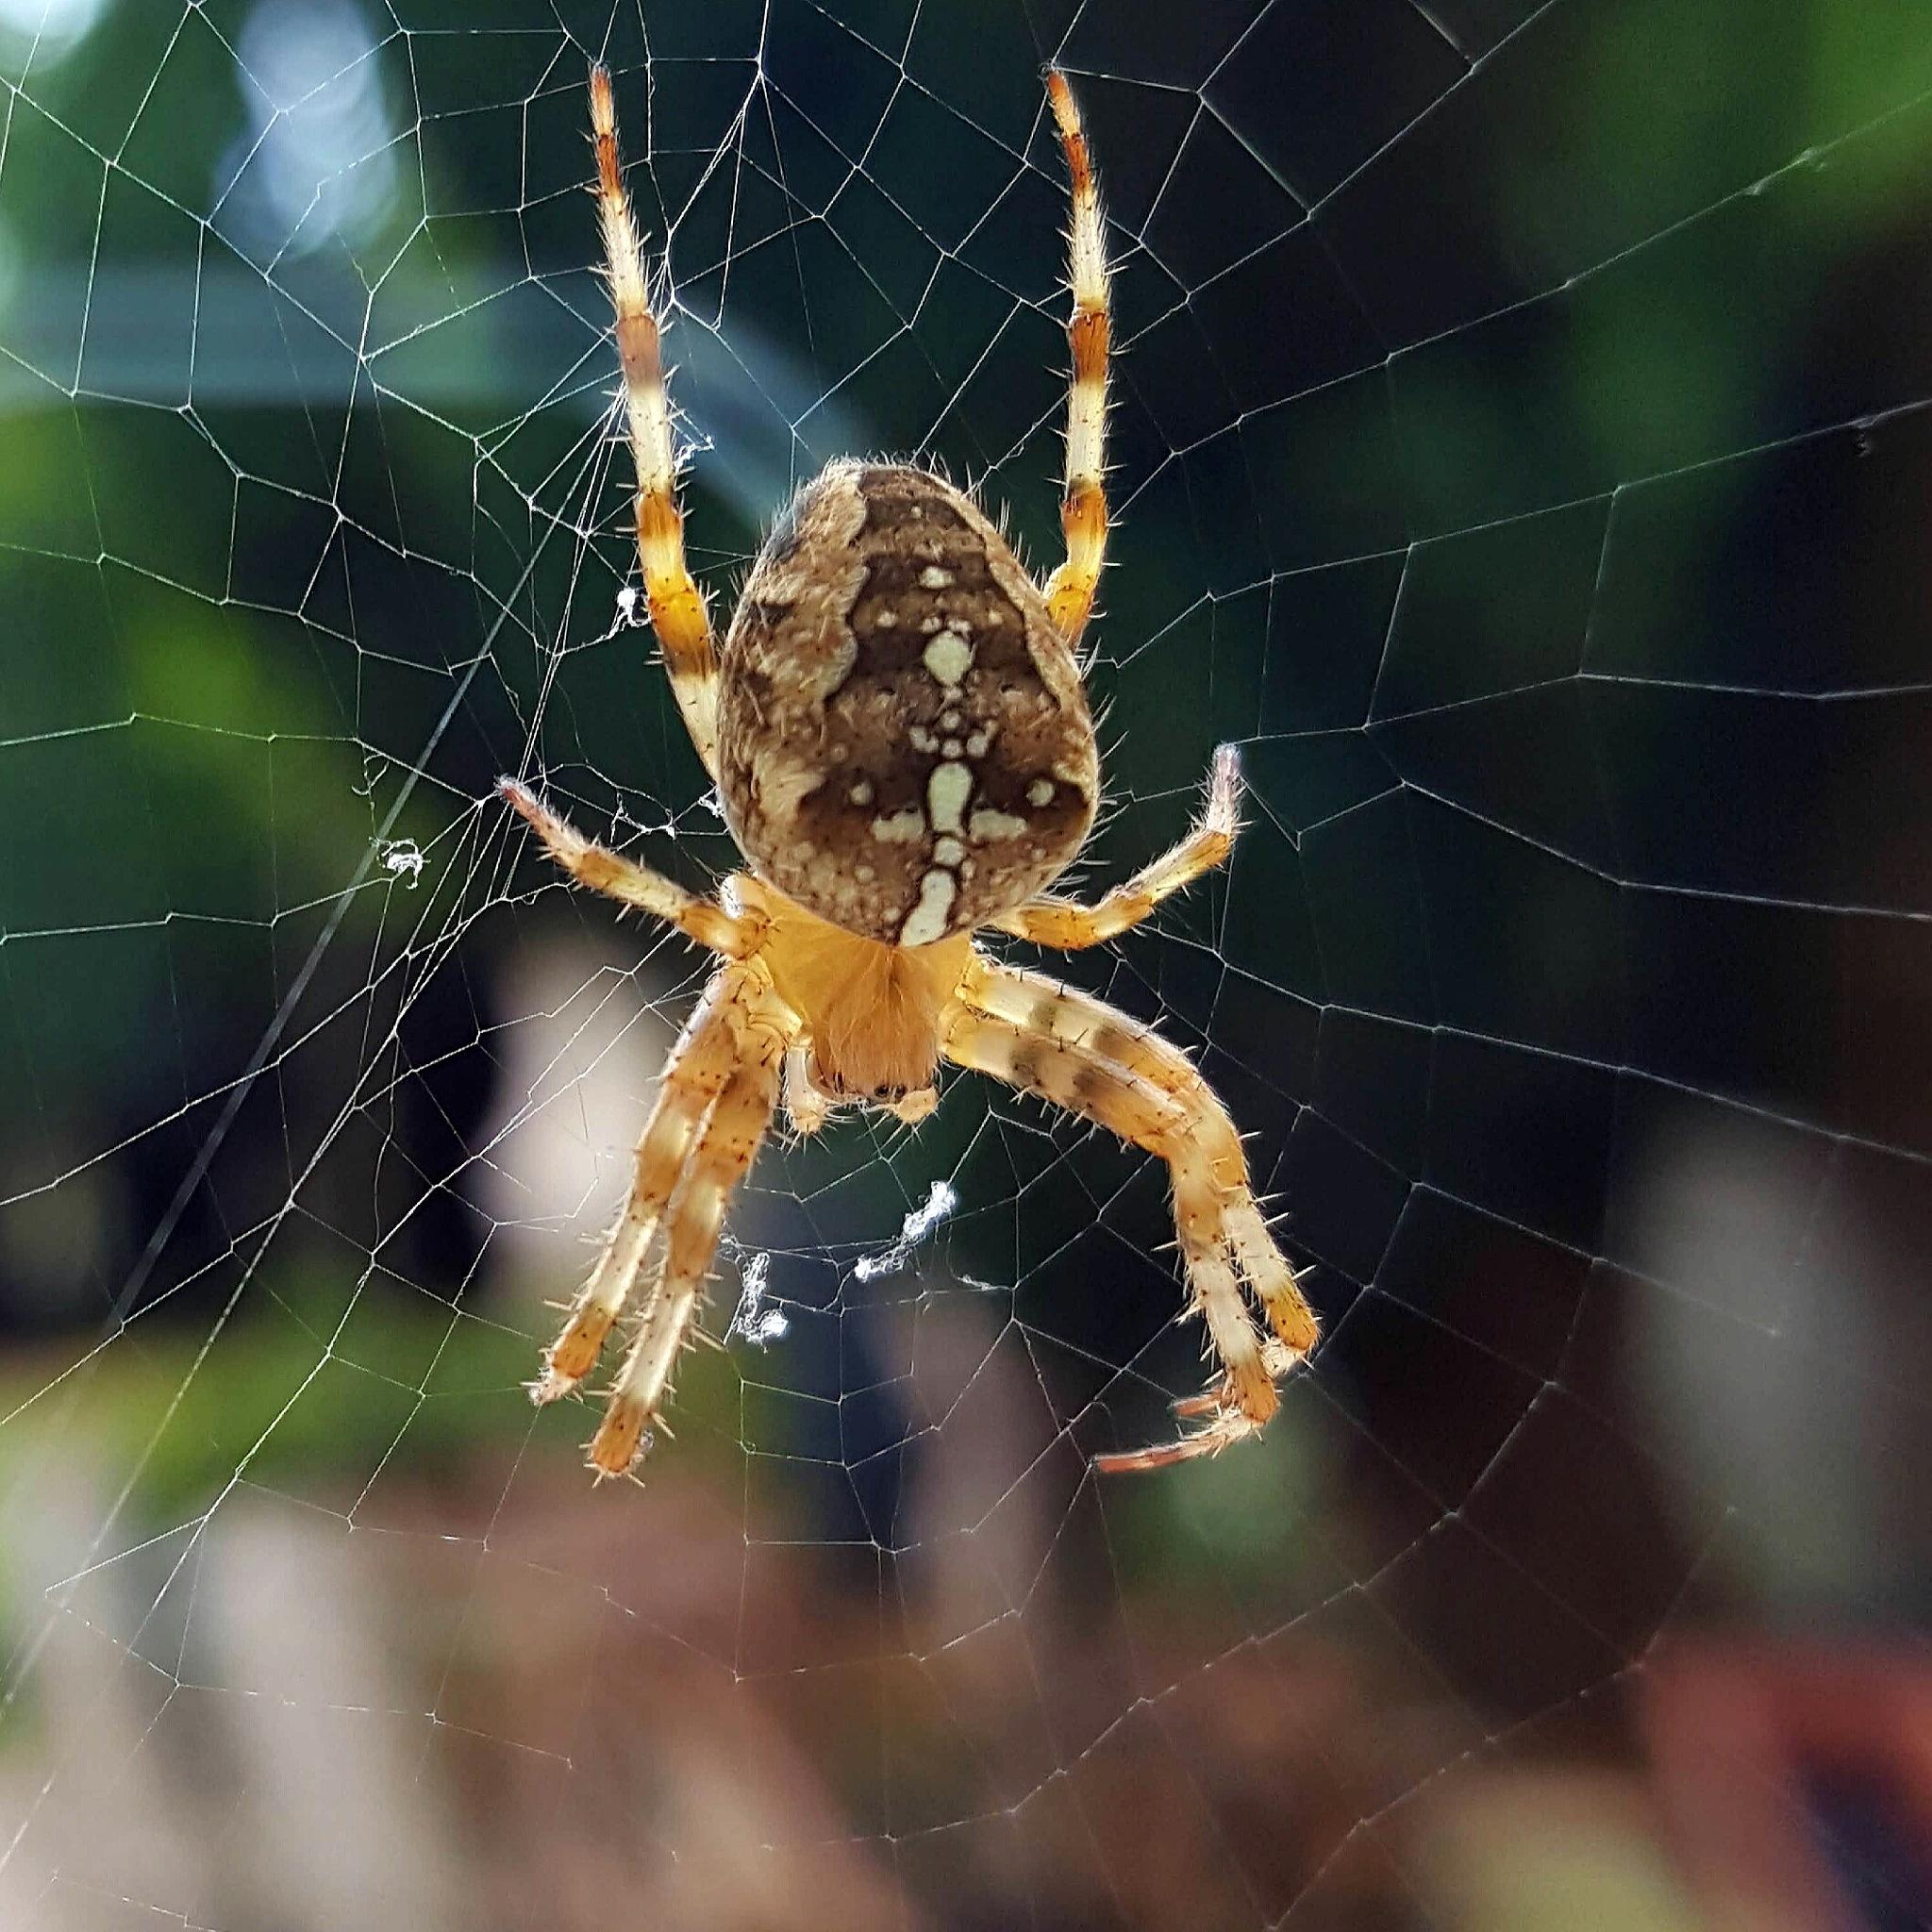 Autumn Spider by AnthonyLaverty